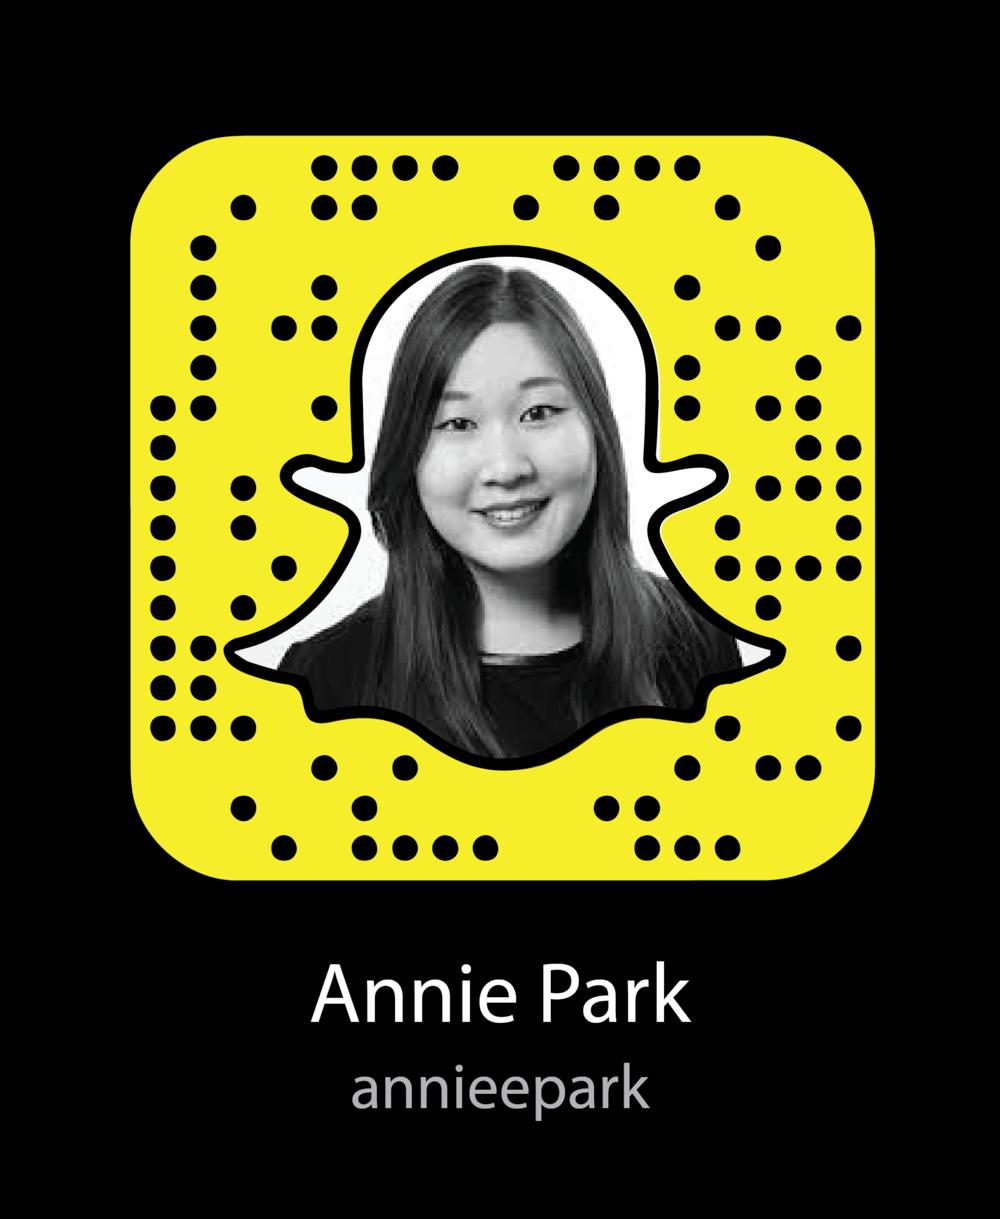 annie-park-storytellers-snapchat-snapcode.png